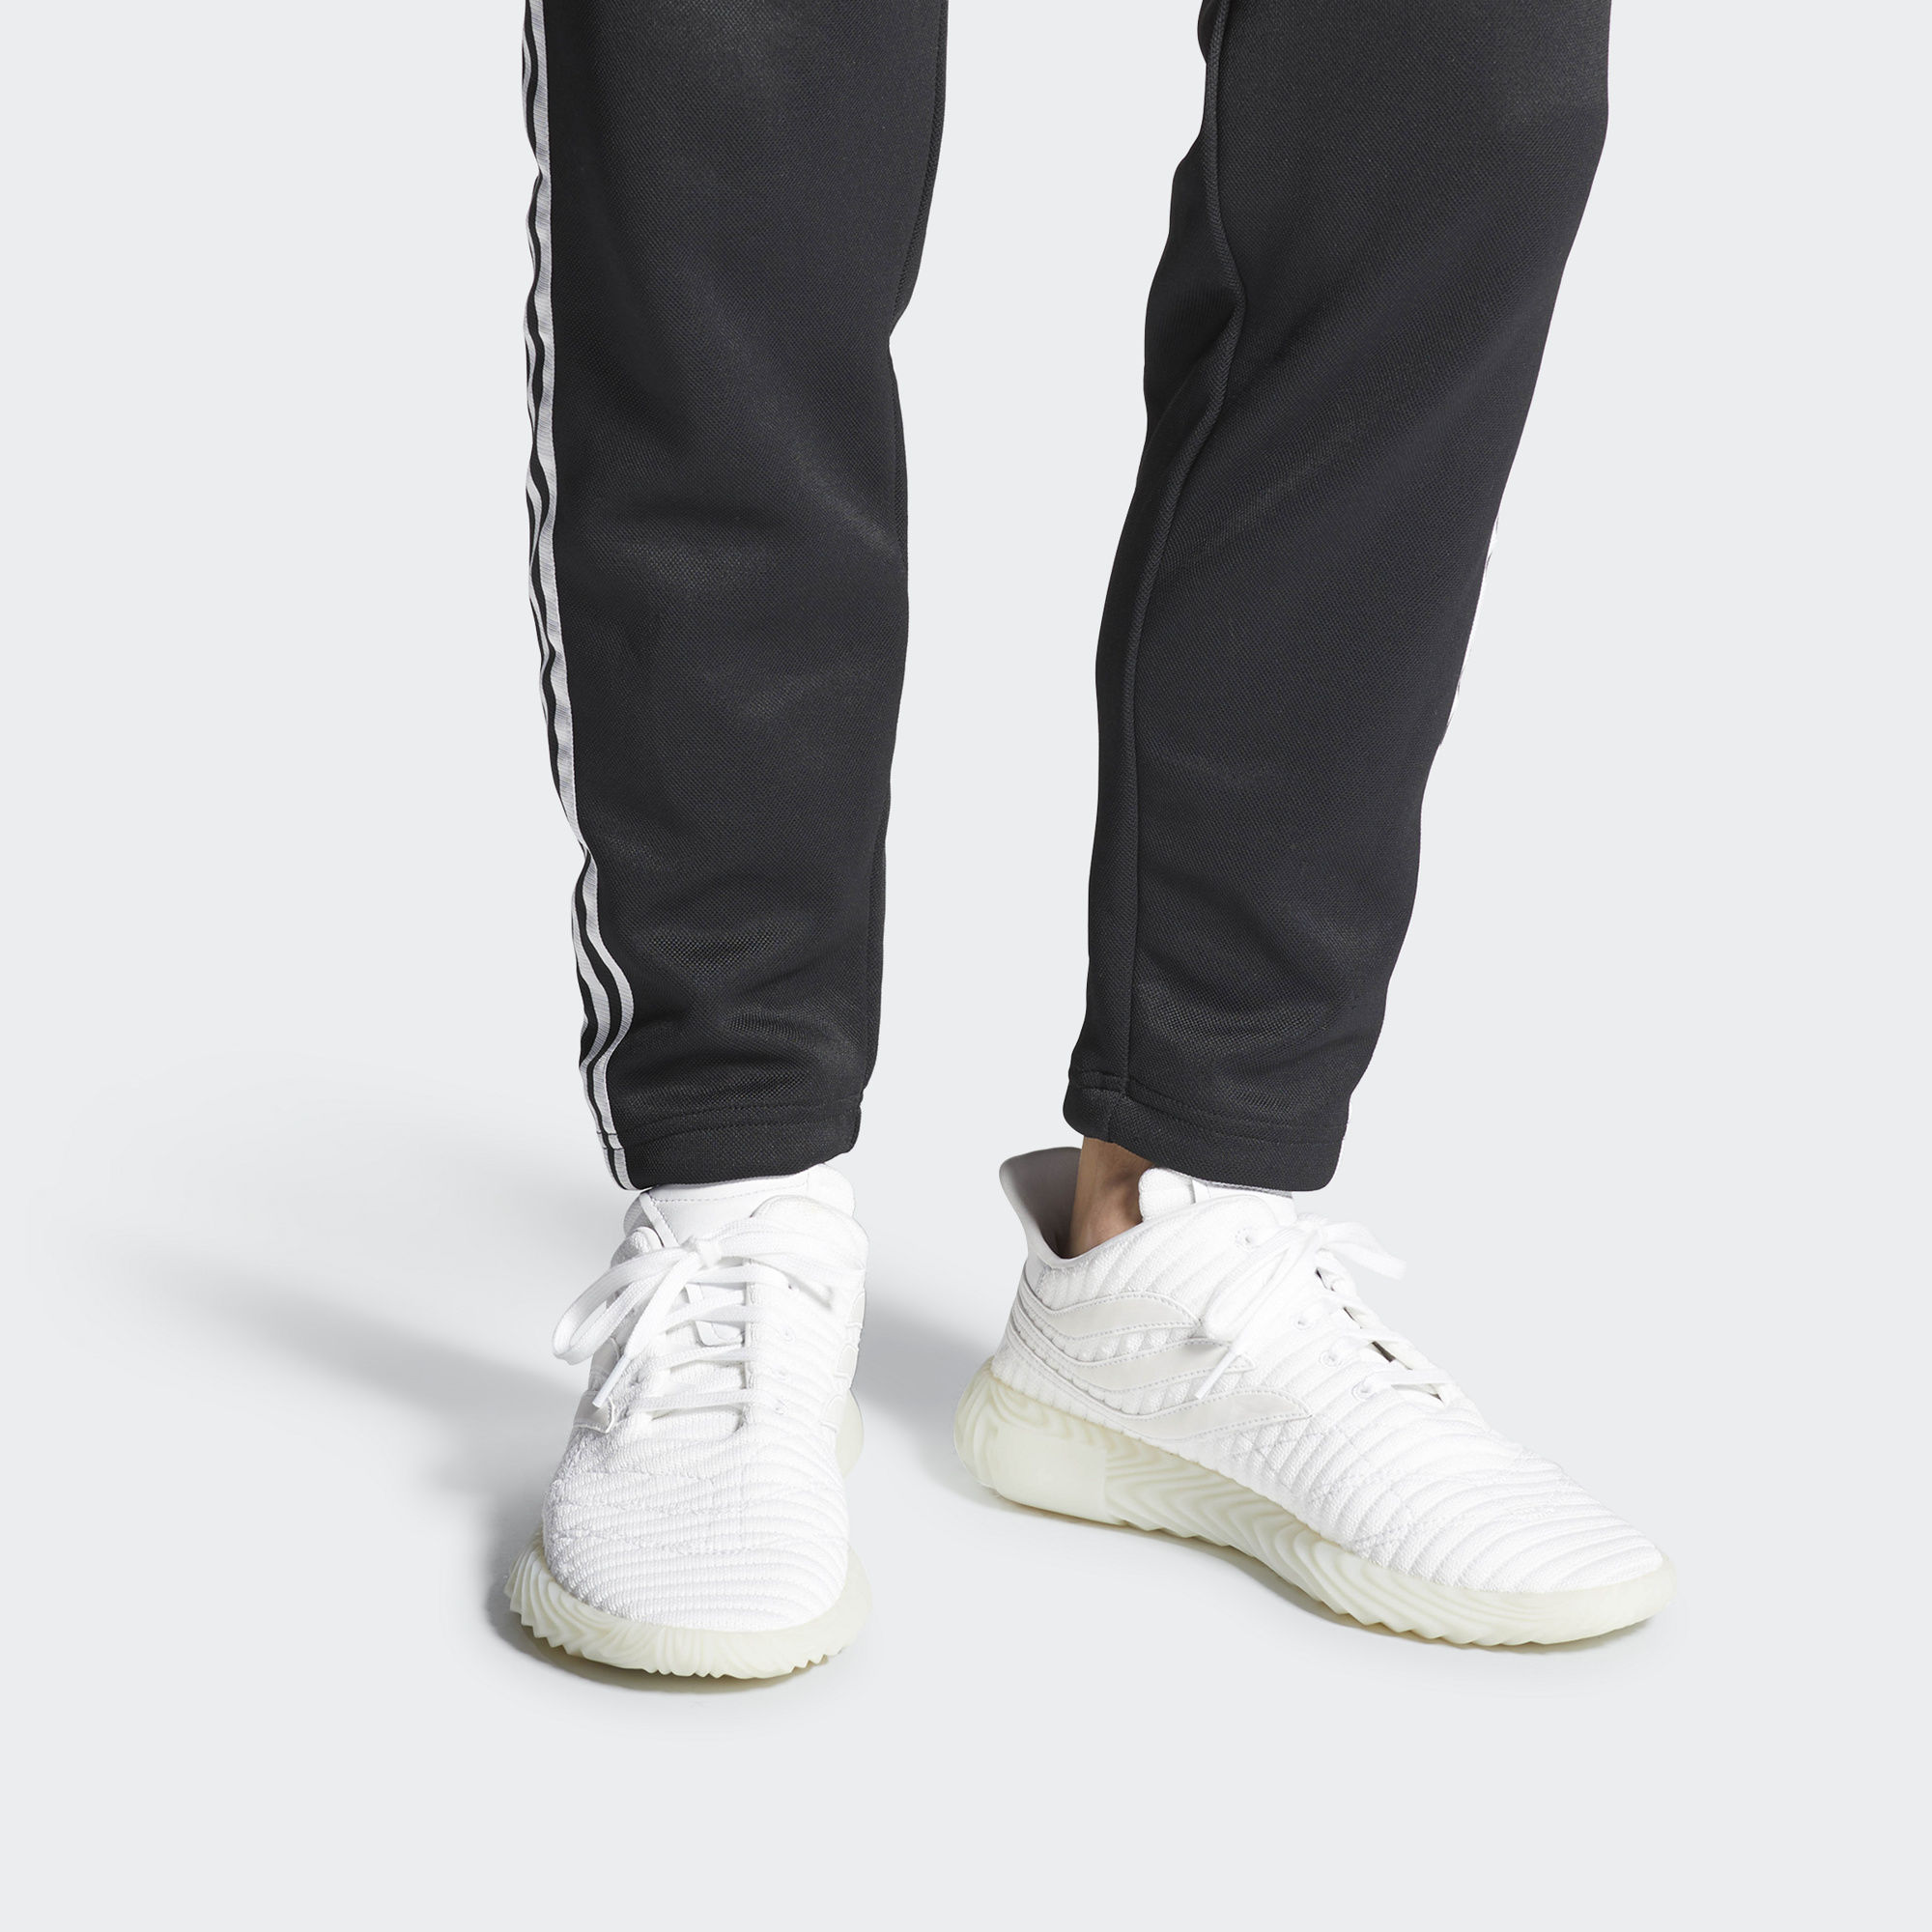 Sobakov B41955 Adidas Originals